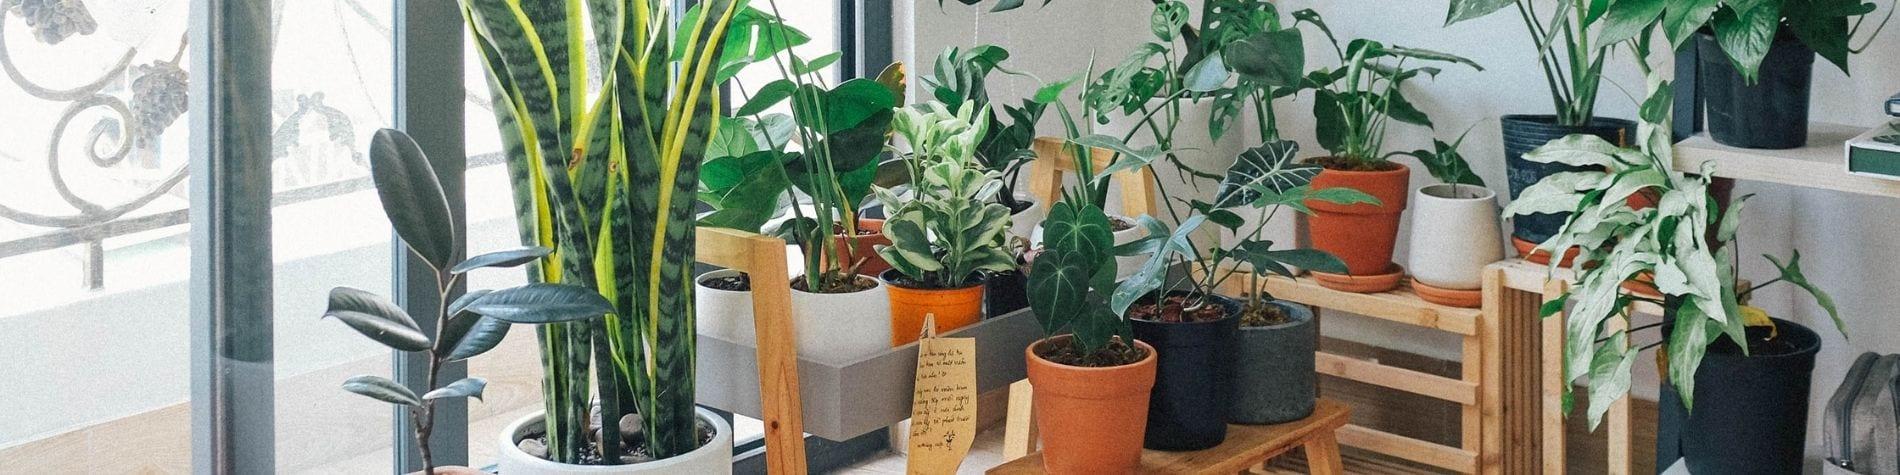 צמחים לבית